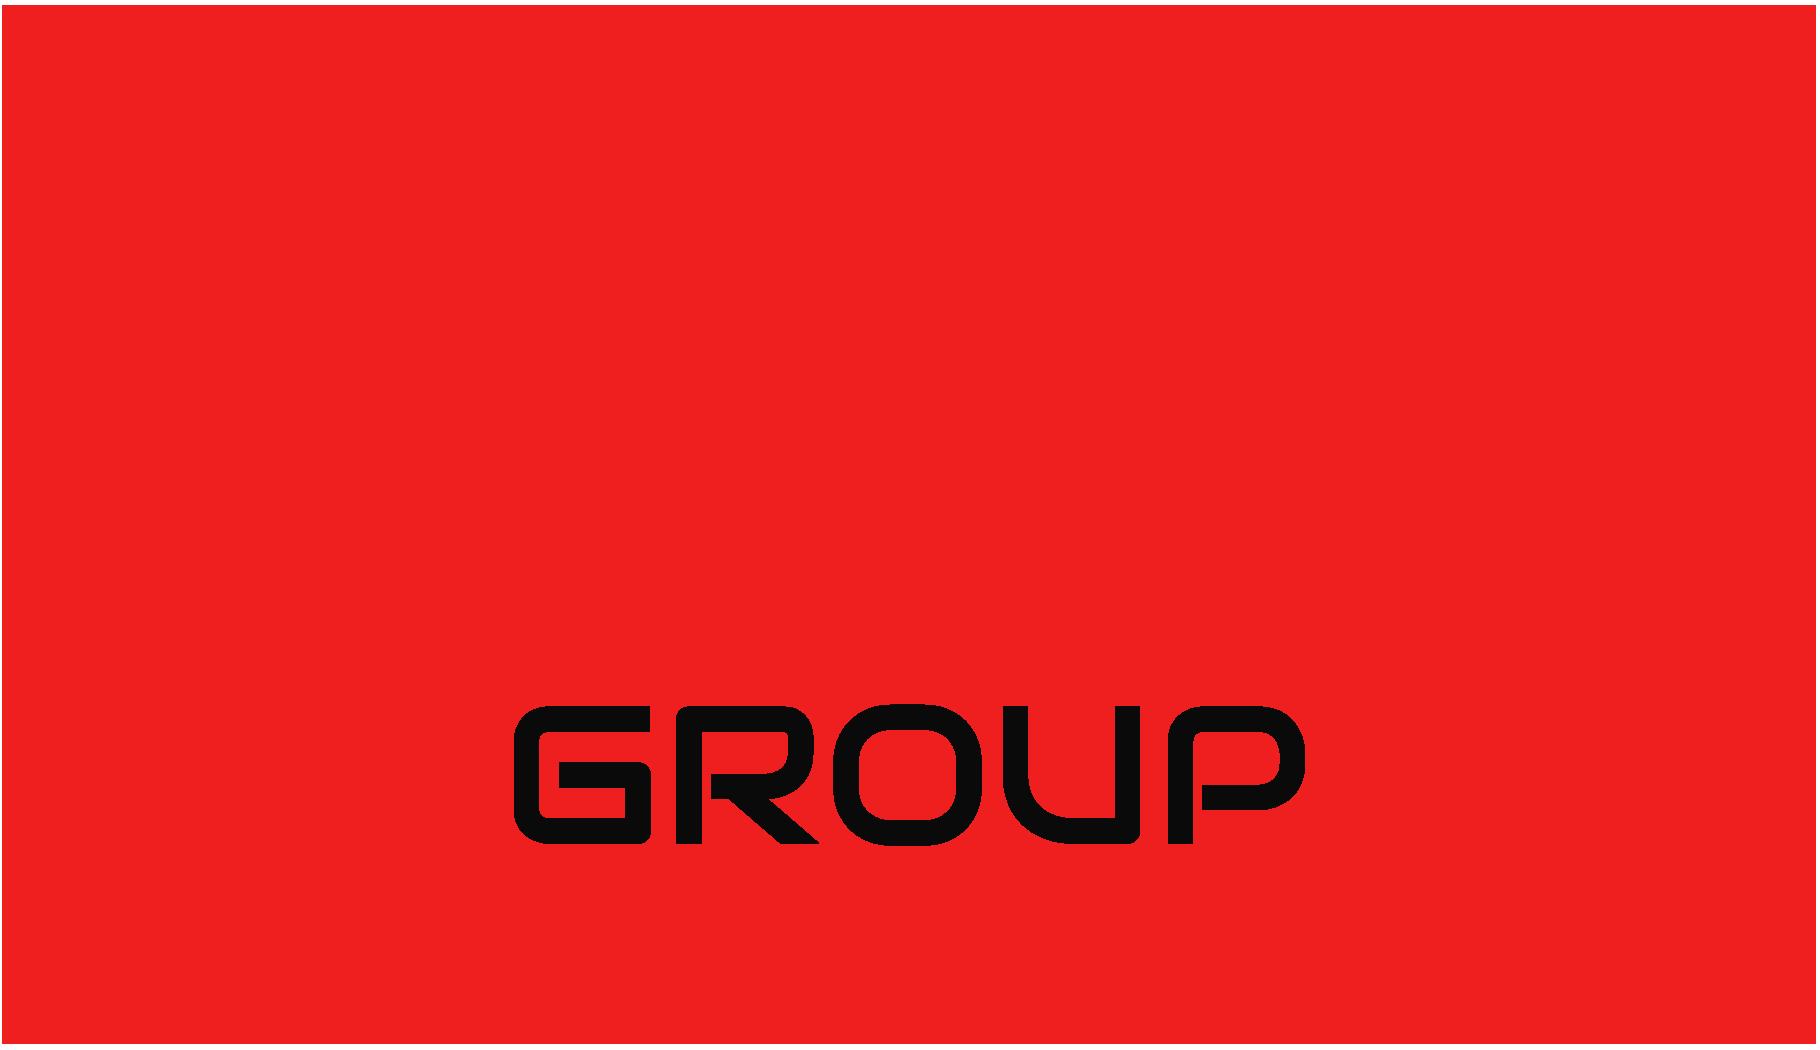 RsGroup